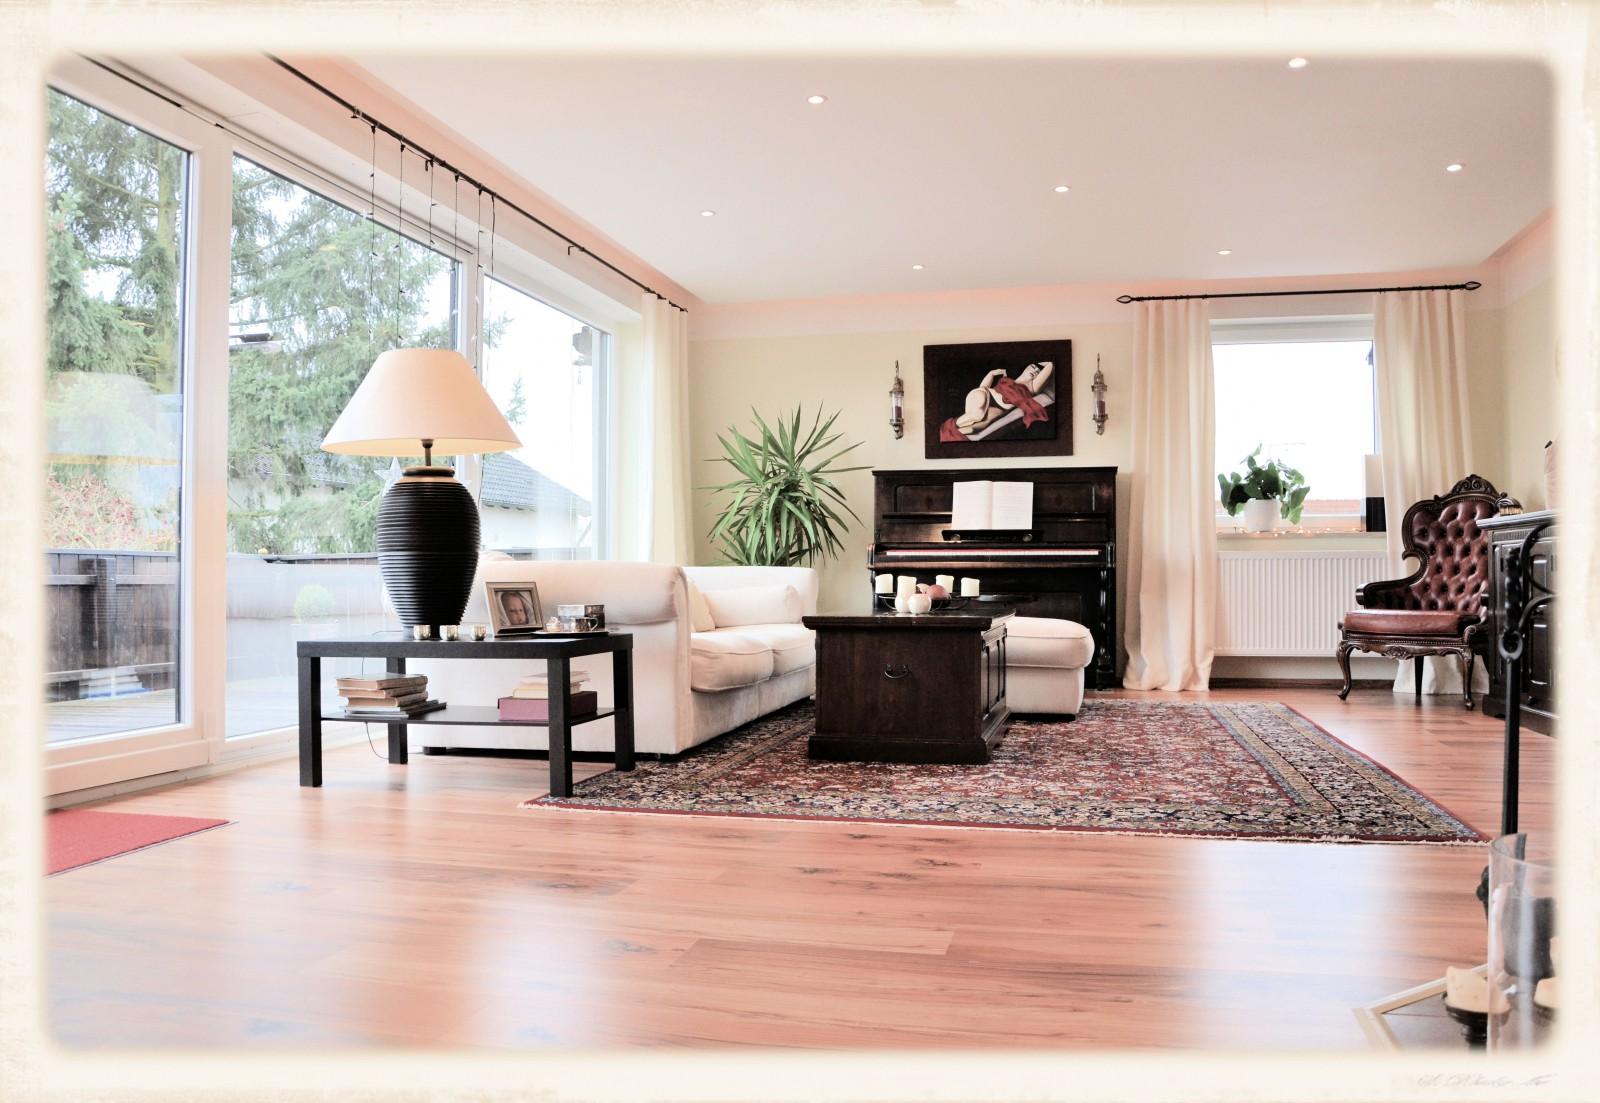 ber hmt wohnzimmer klassisch einrichten galerie die. Black Bedroom Furniture Sets. Home Design Ideas